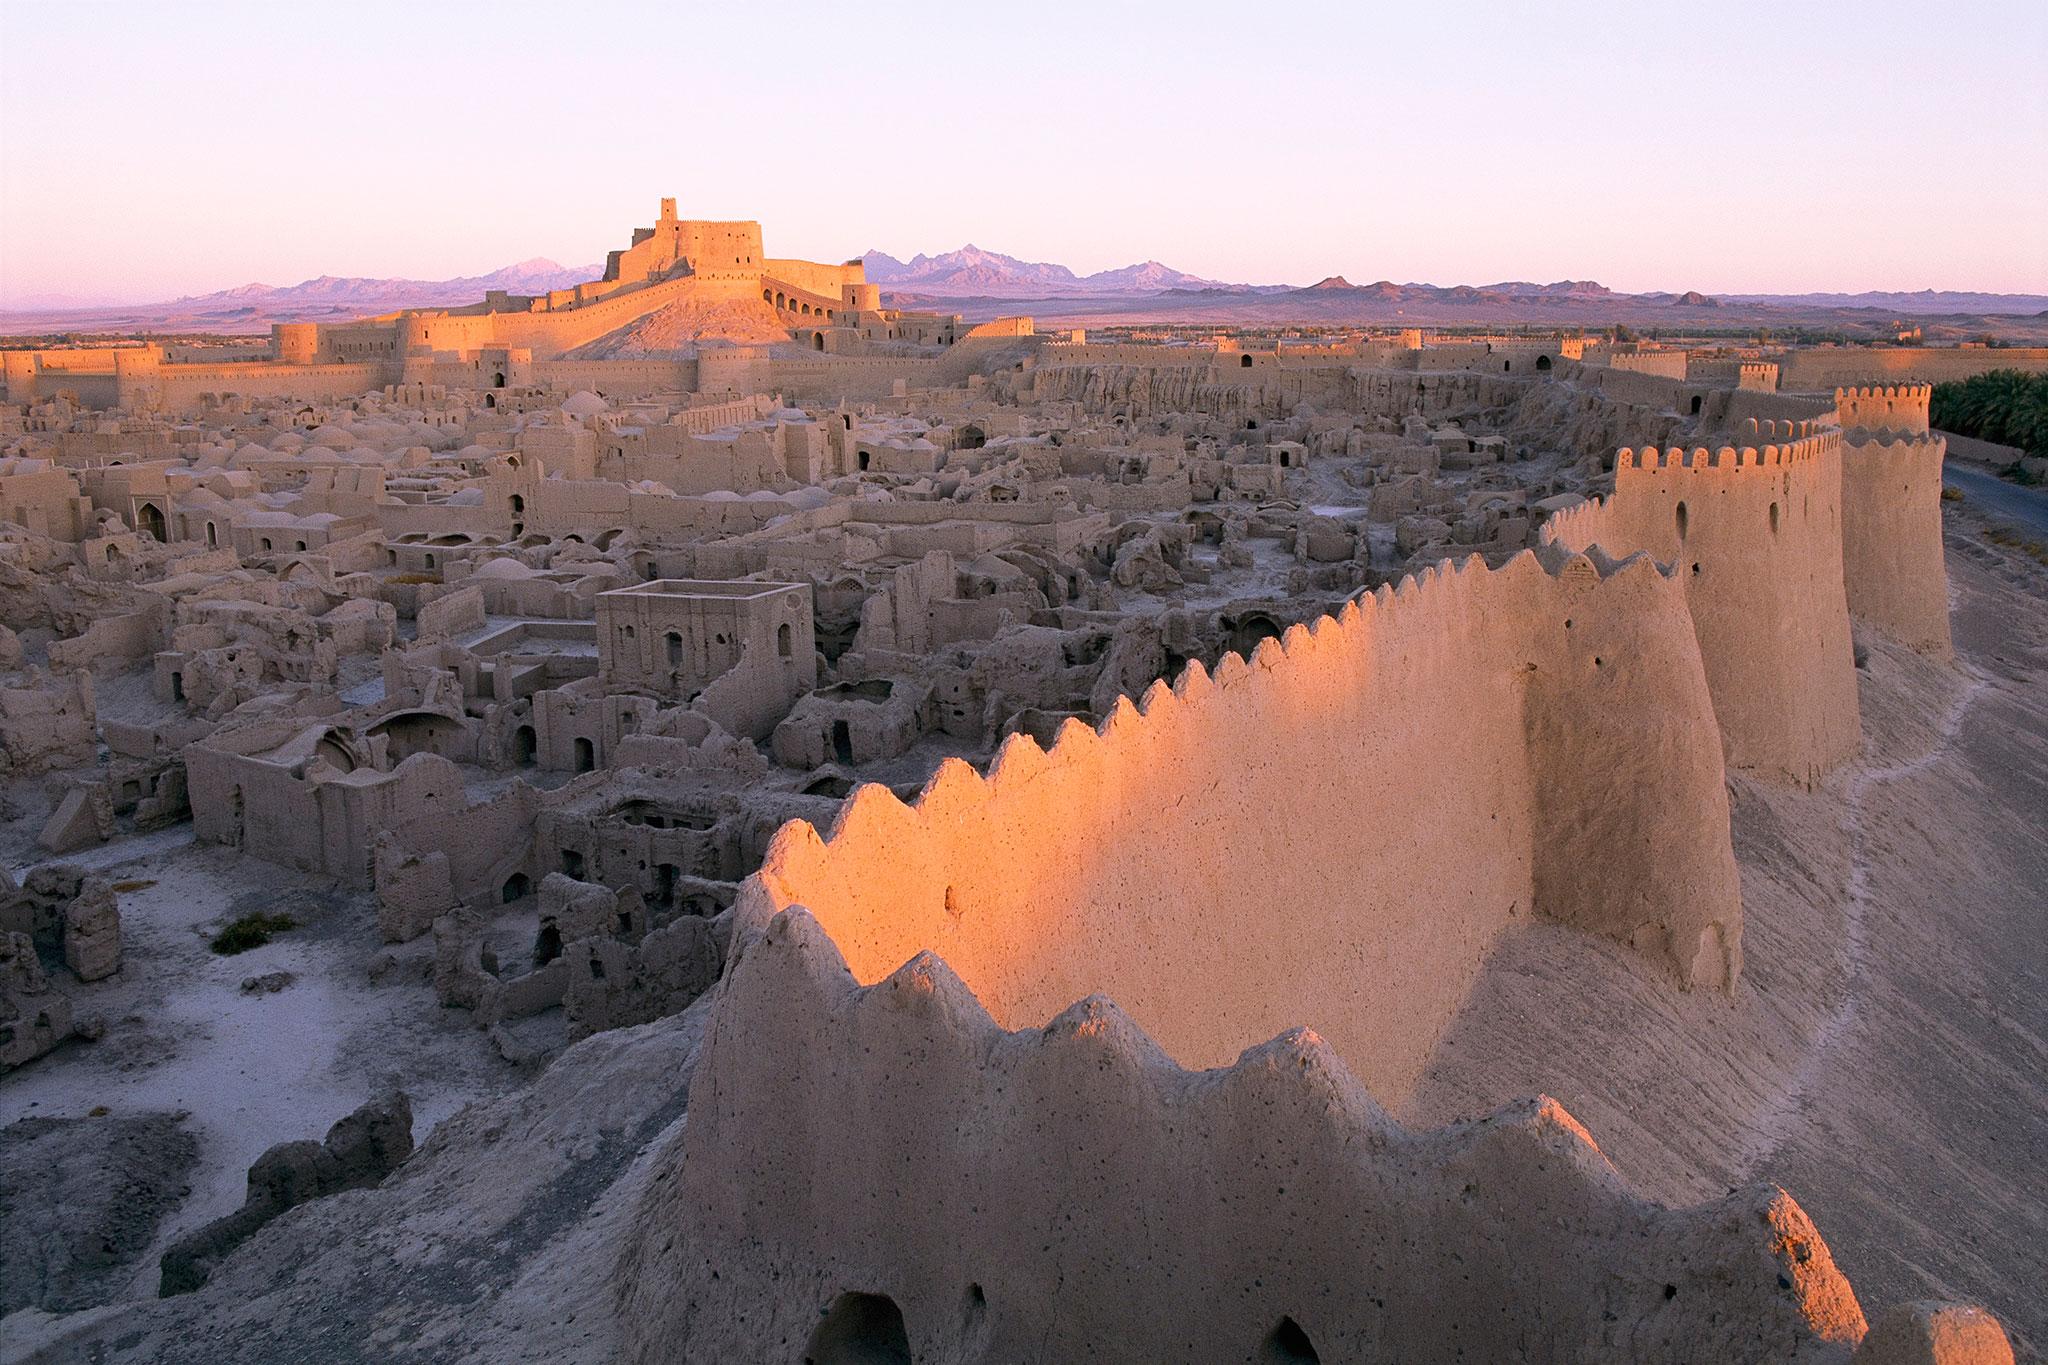 La citadelle d'Arg-é Bam, l'un des plus beaux édifices d'Iran ! Par Clément P. Natge%CC%81o